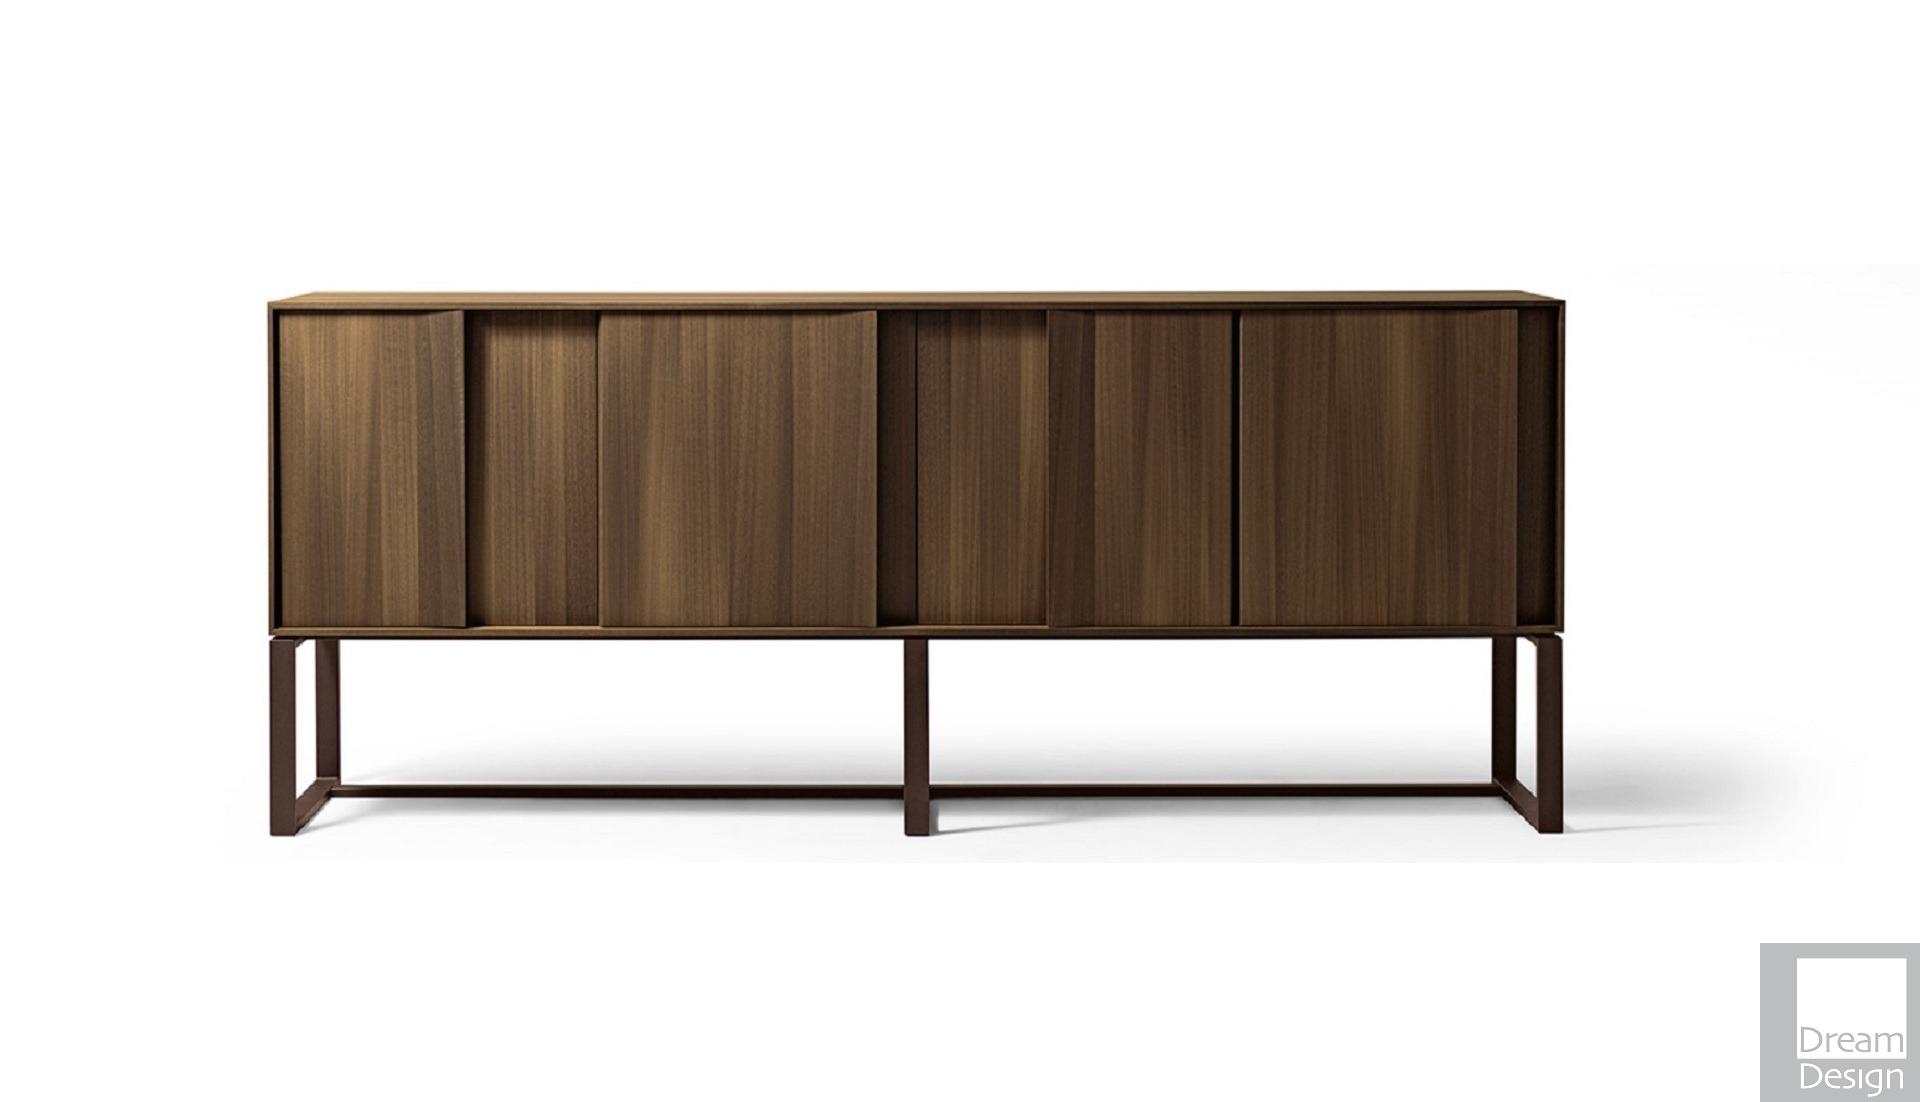 Giorgetti Origami Low Cabinet - Dream Design Interiors Ltd - photo#32